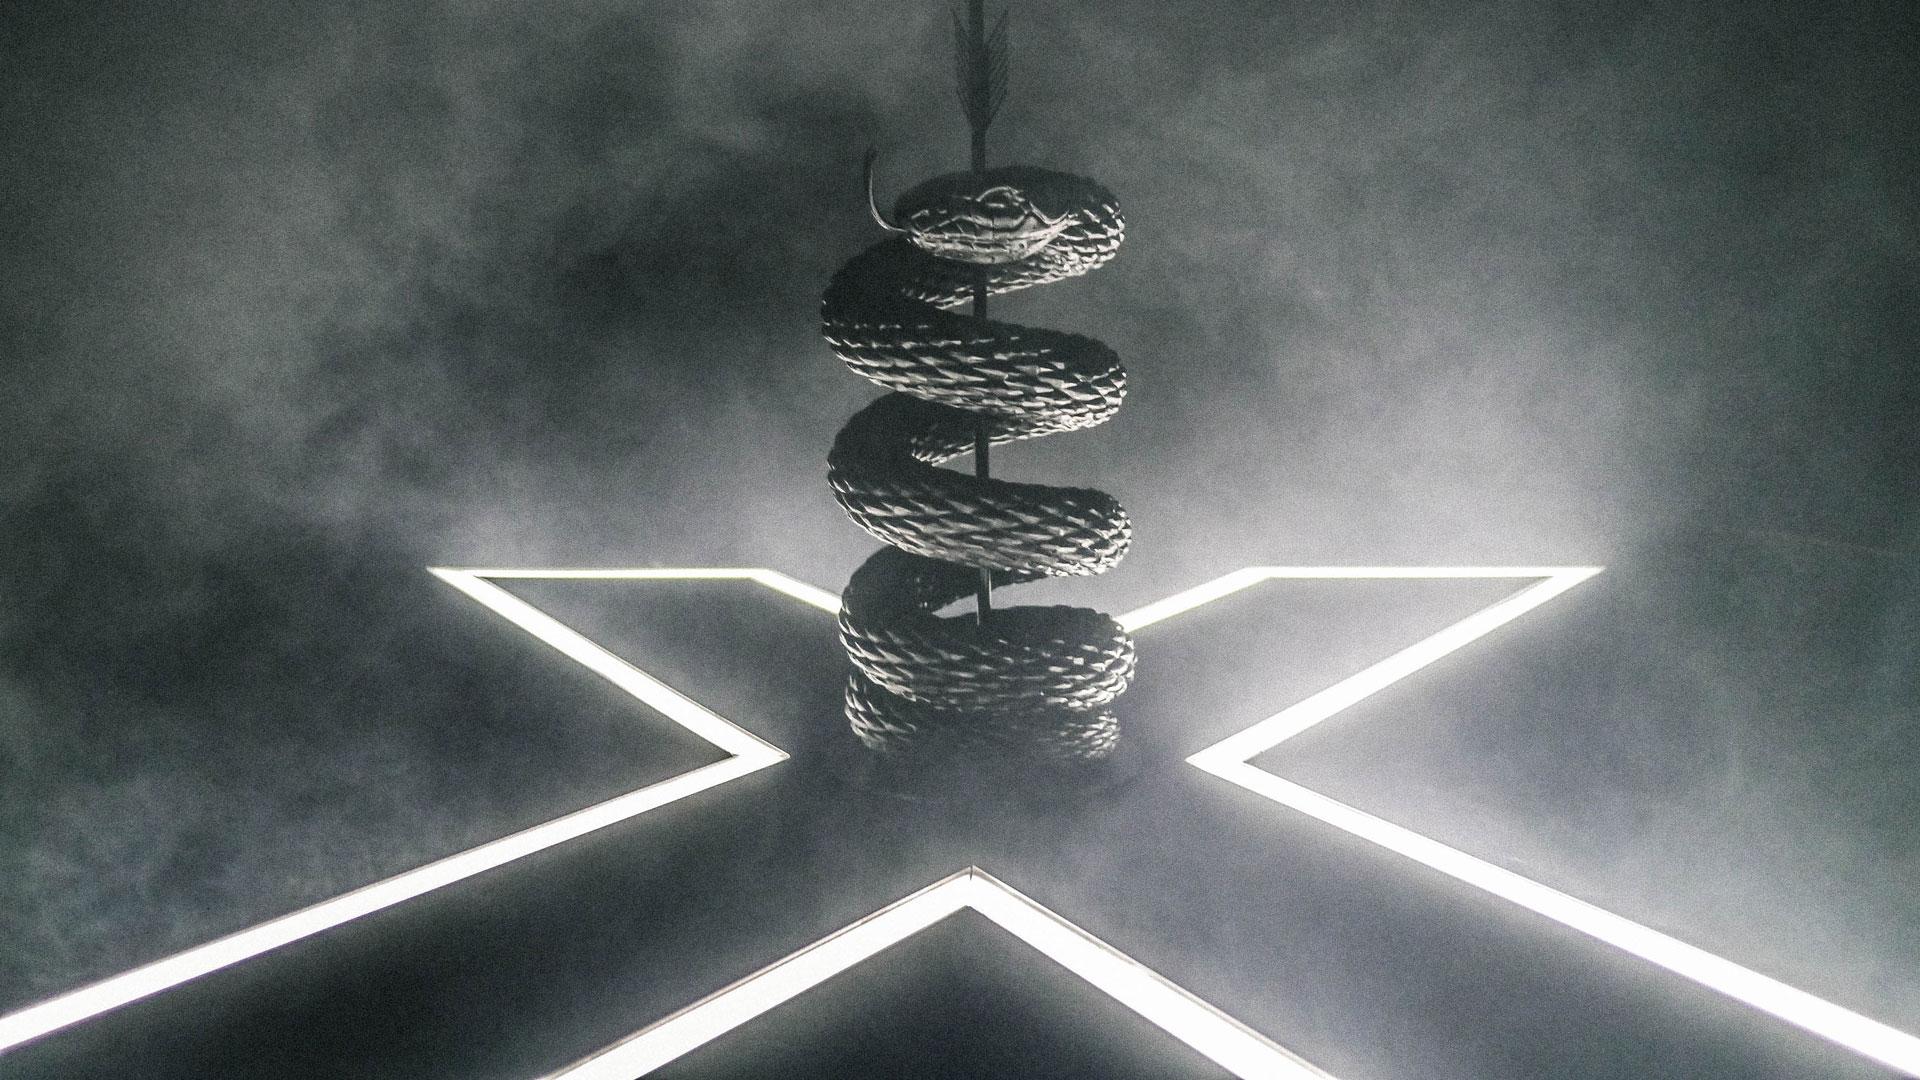 Snake_sculpture-2